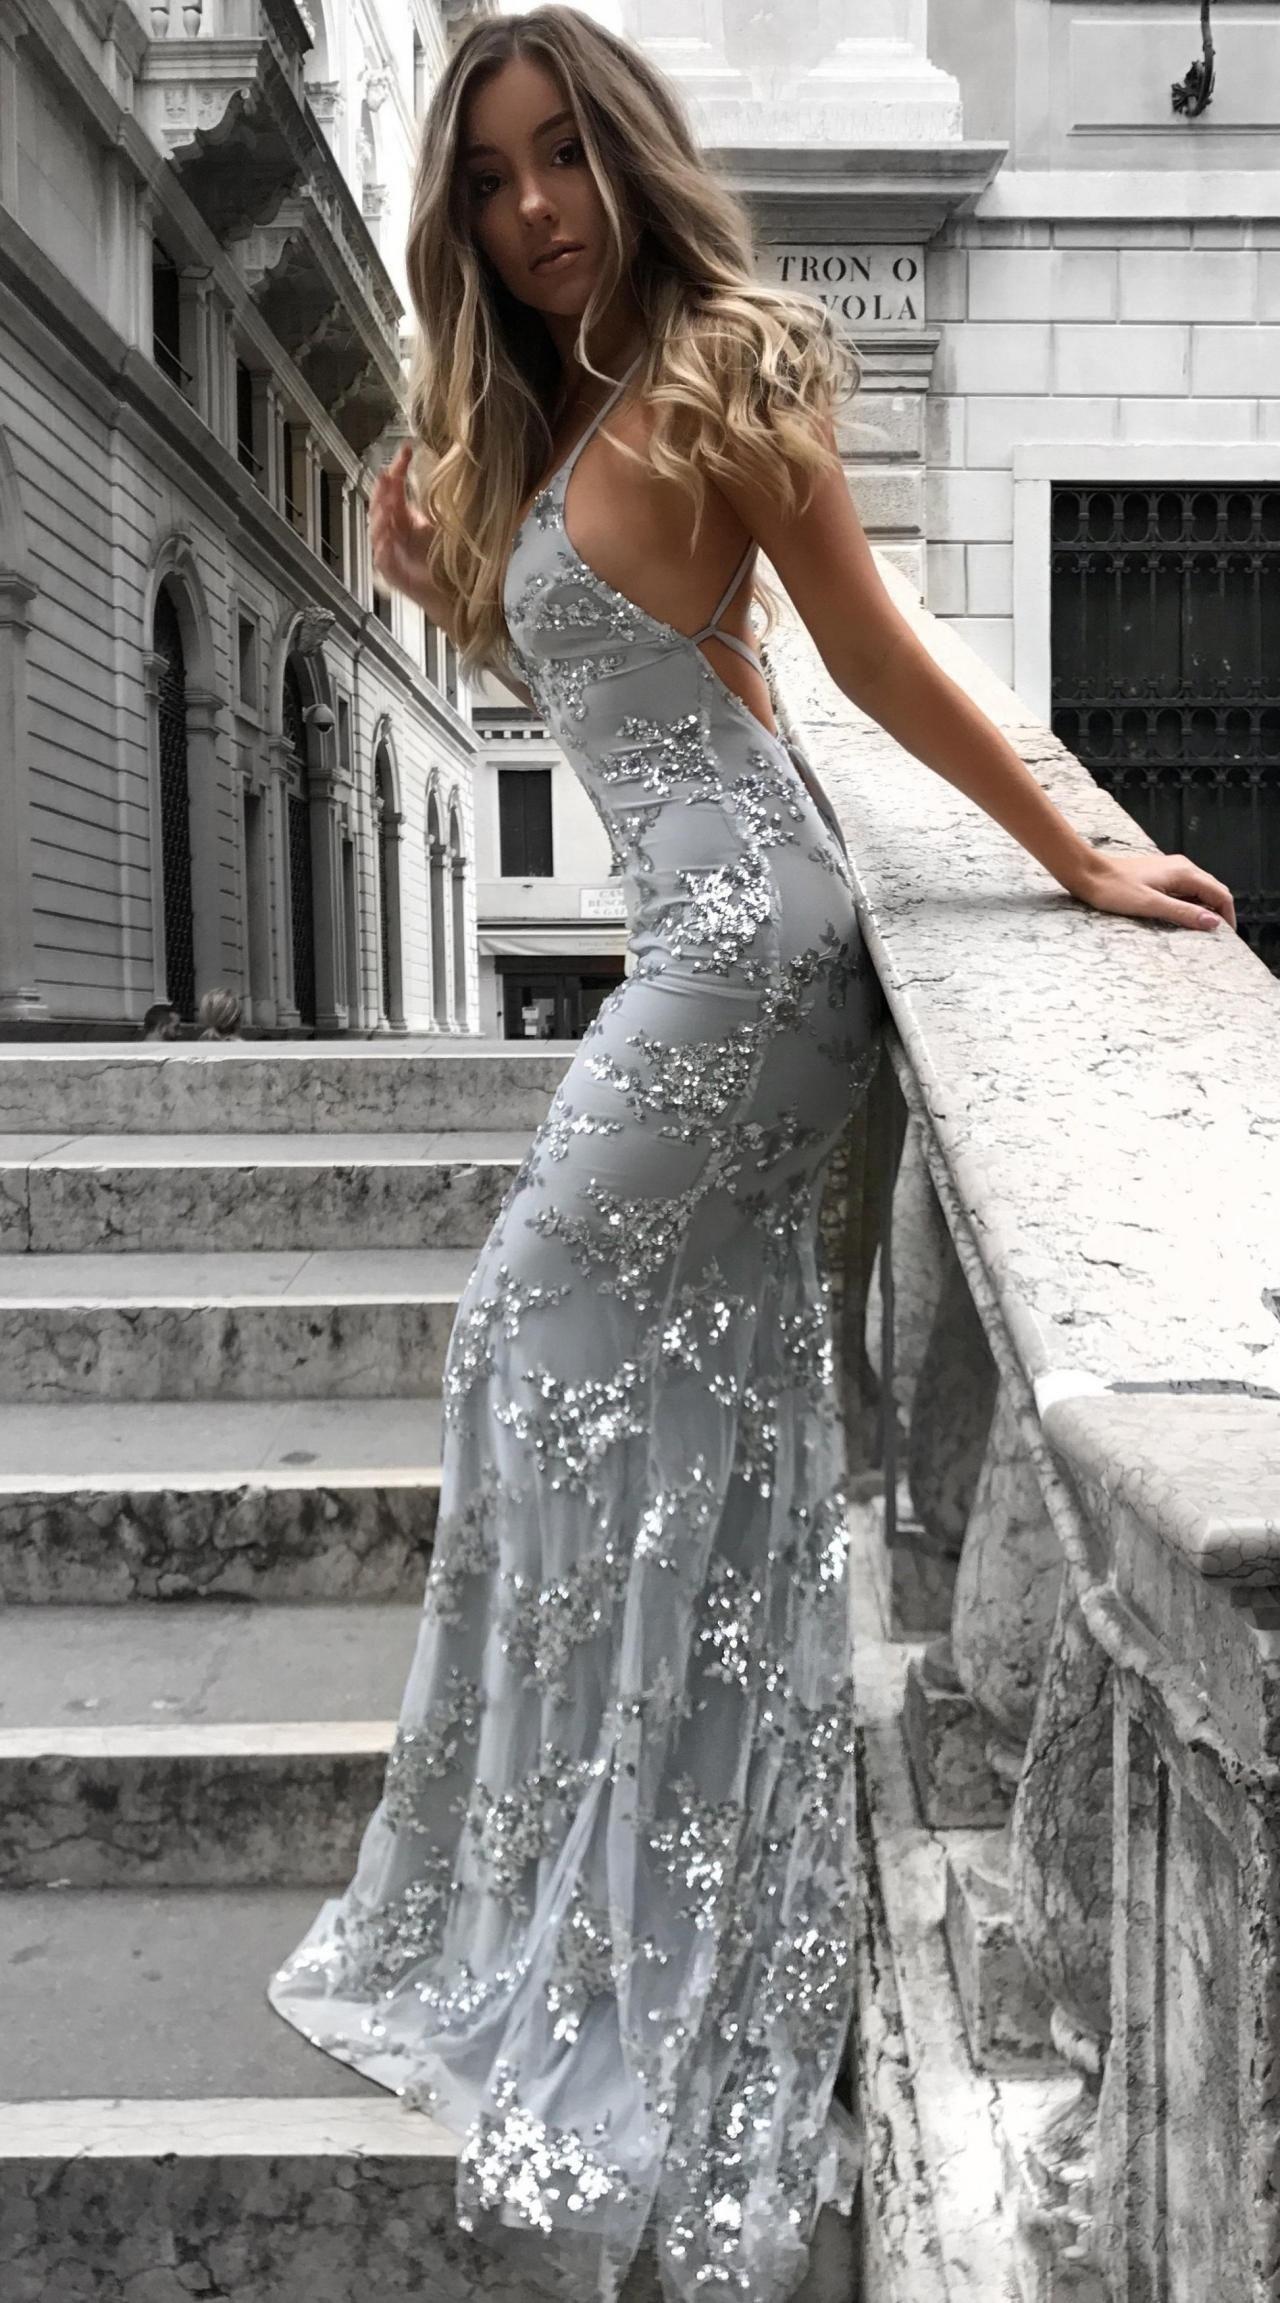 15 Luxurius Abendkleider Abiballkleider Boutique13 Schön Abendkleider Abiballkleider Stylish